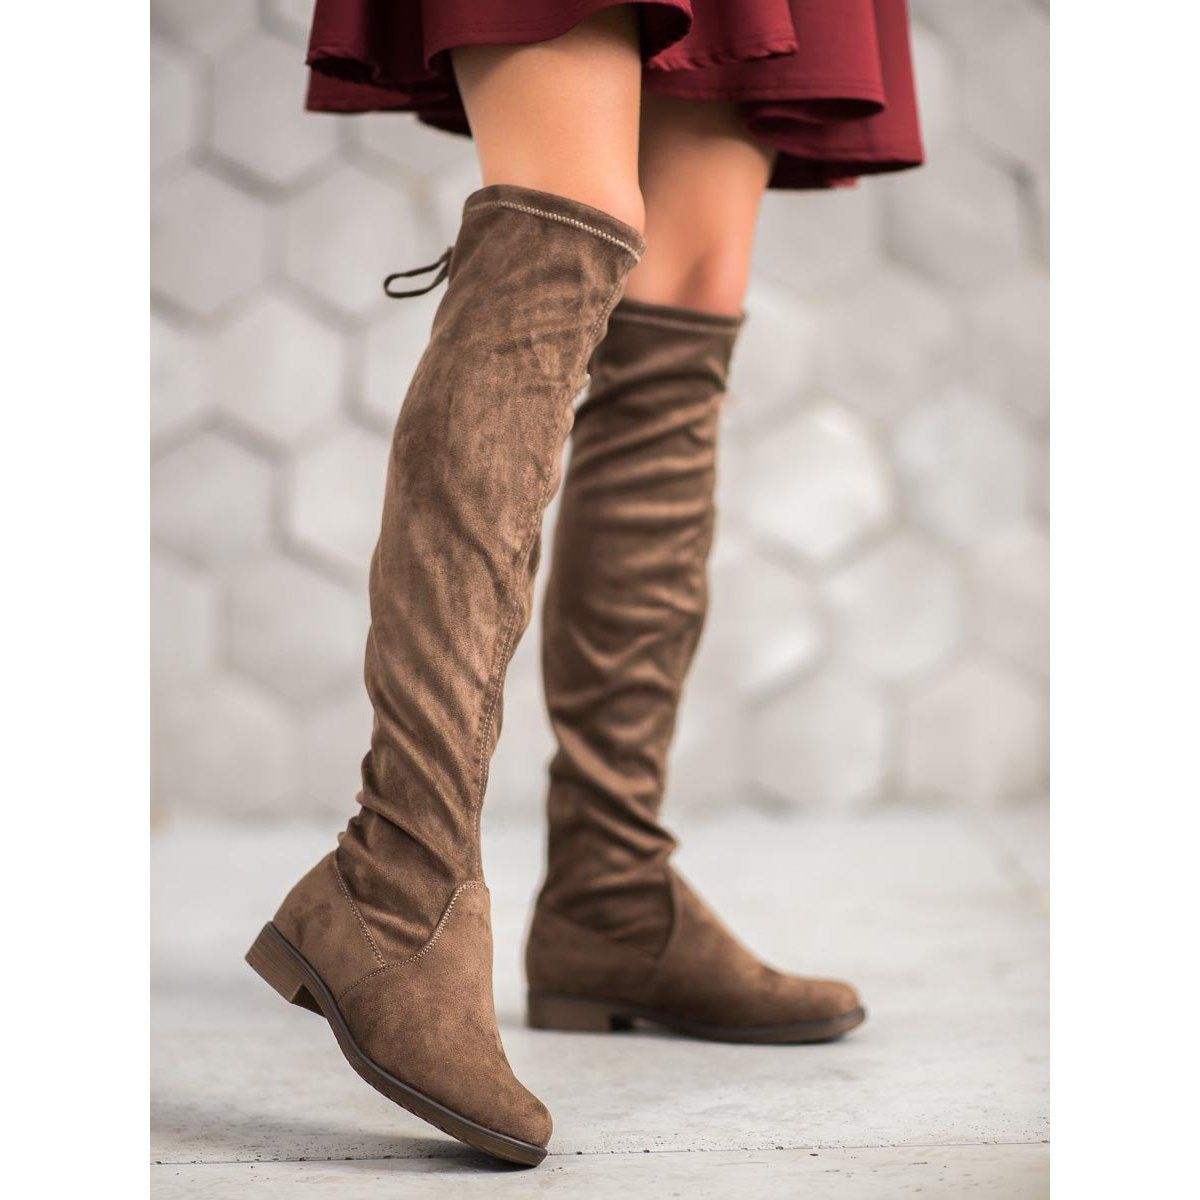 J Star Zamszowe Muszkieterki Z Wiazaniem Brazowe Thigh High Boots Thigh High Suede Boots Boots